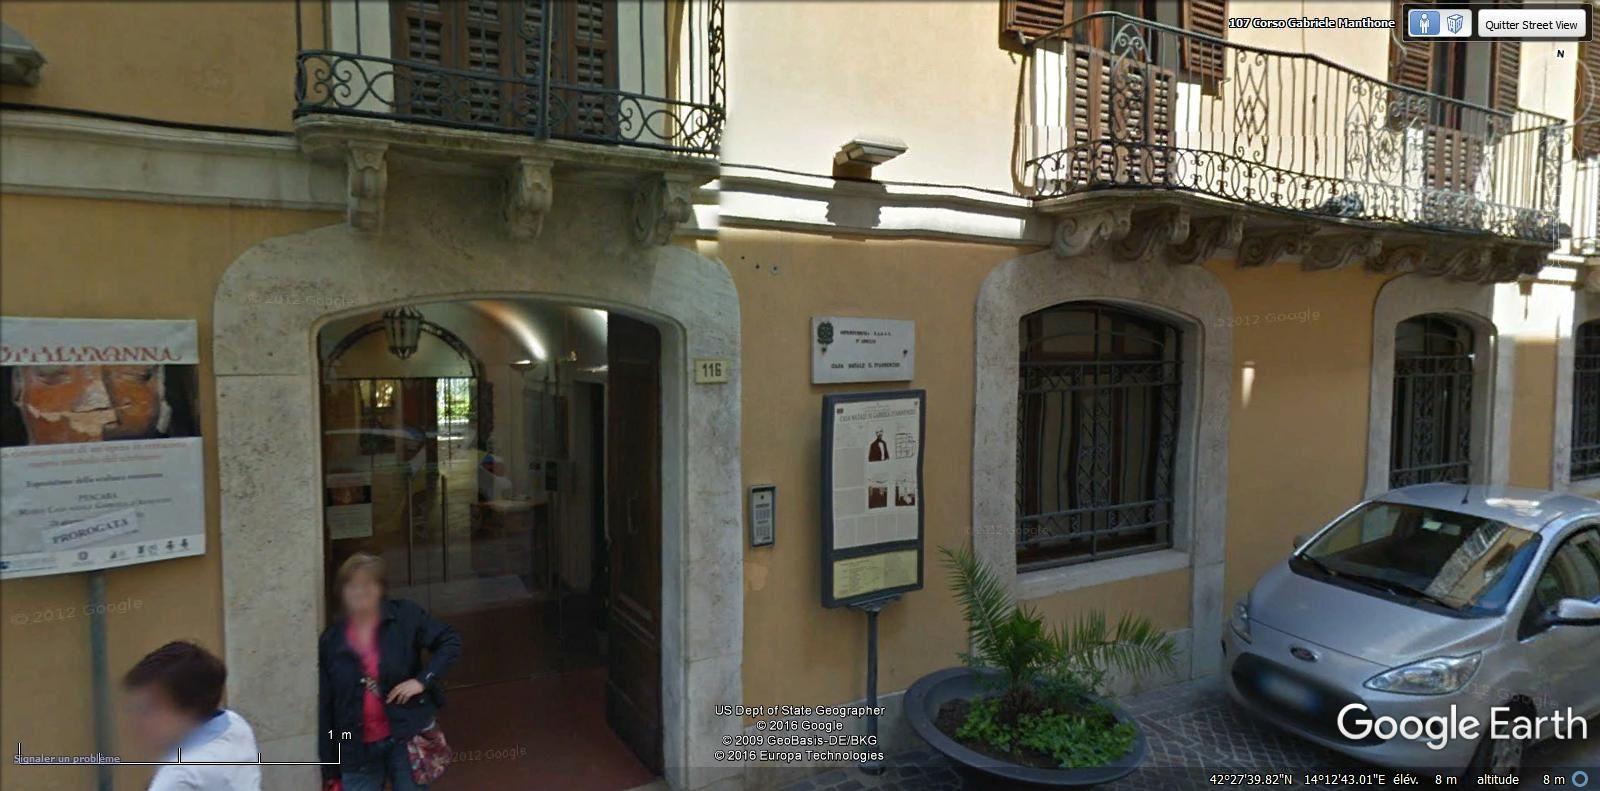 maison natale de D'Annunzio et musée SMT